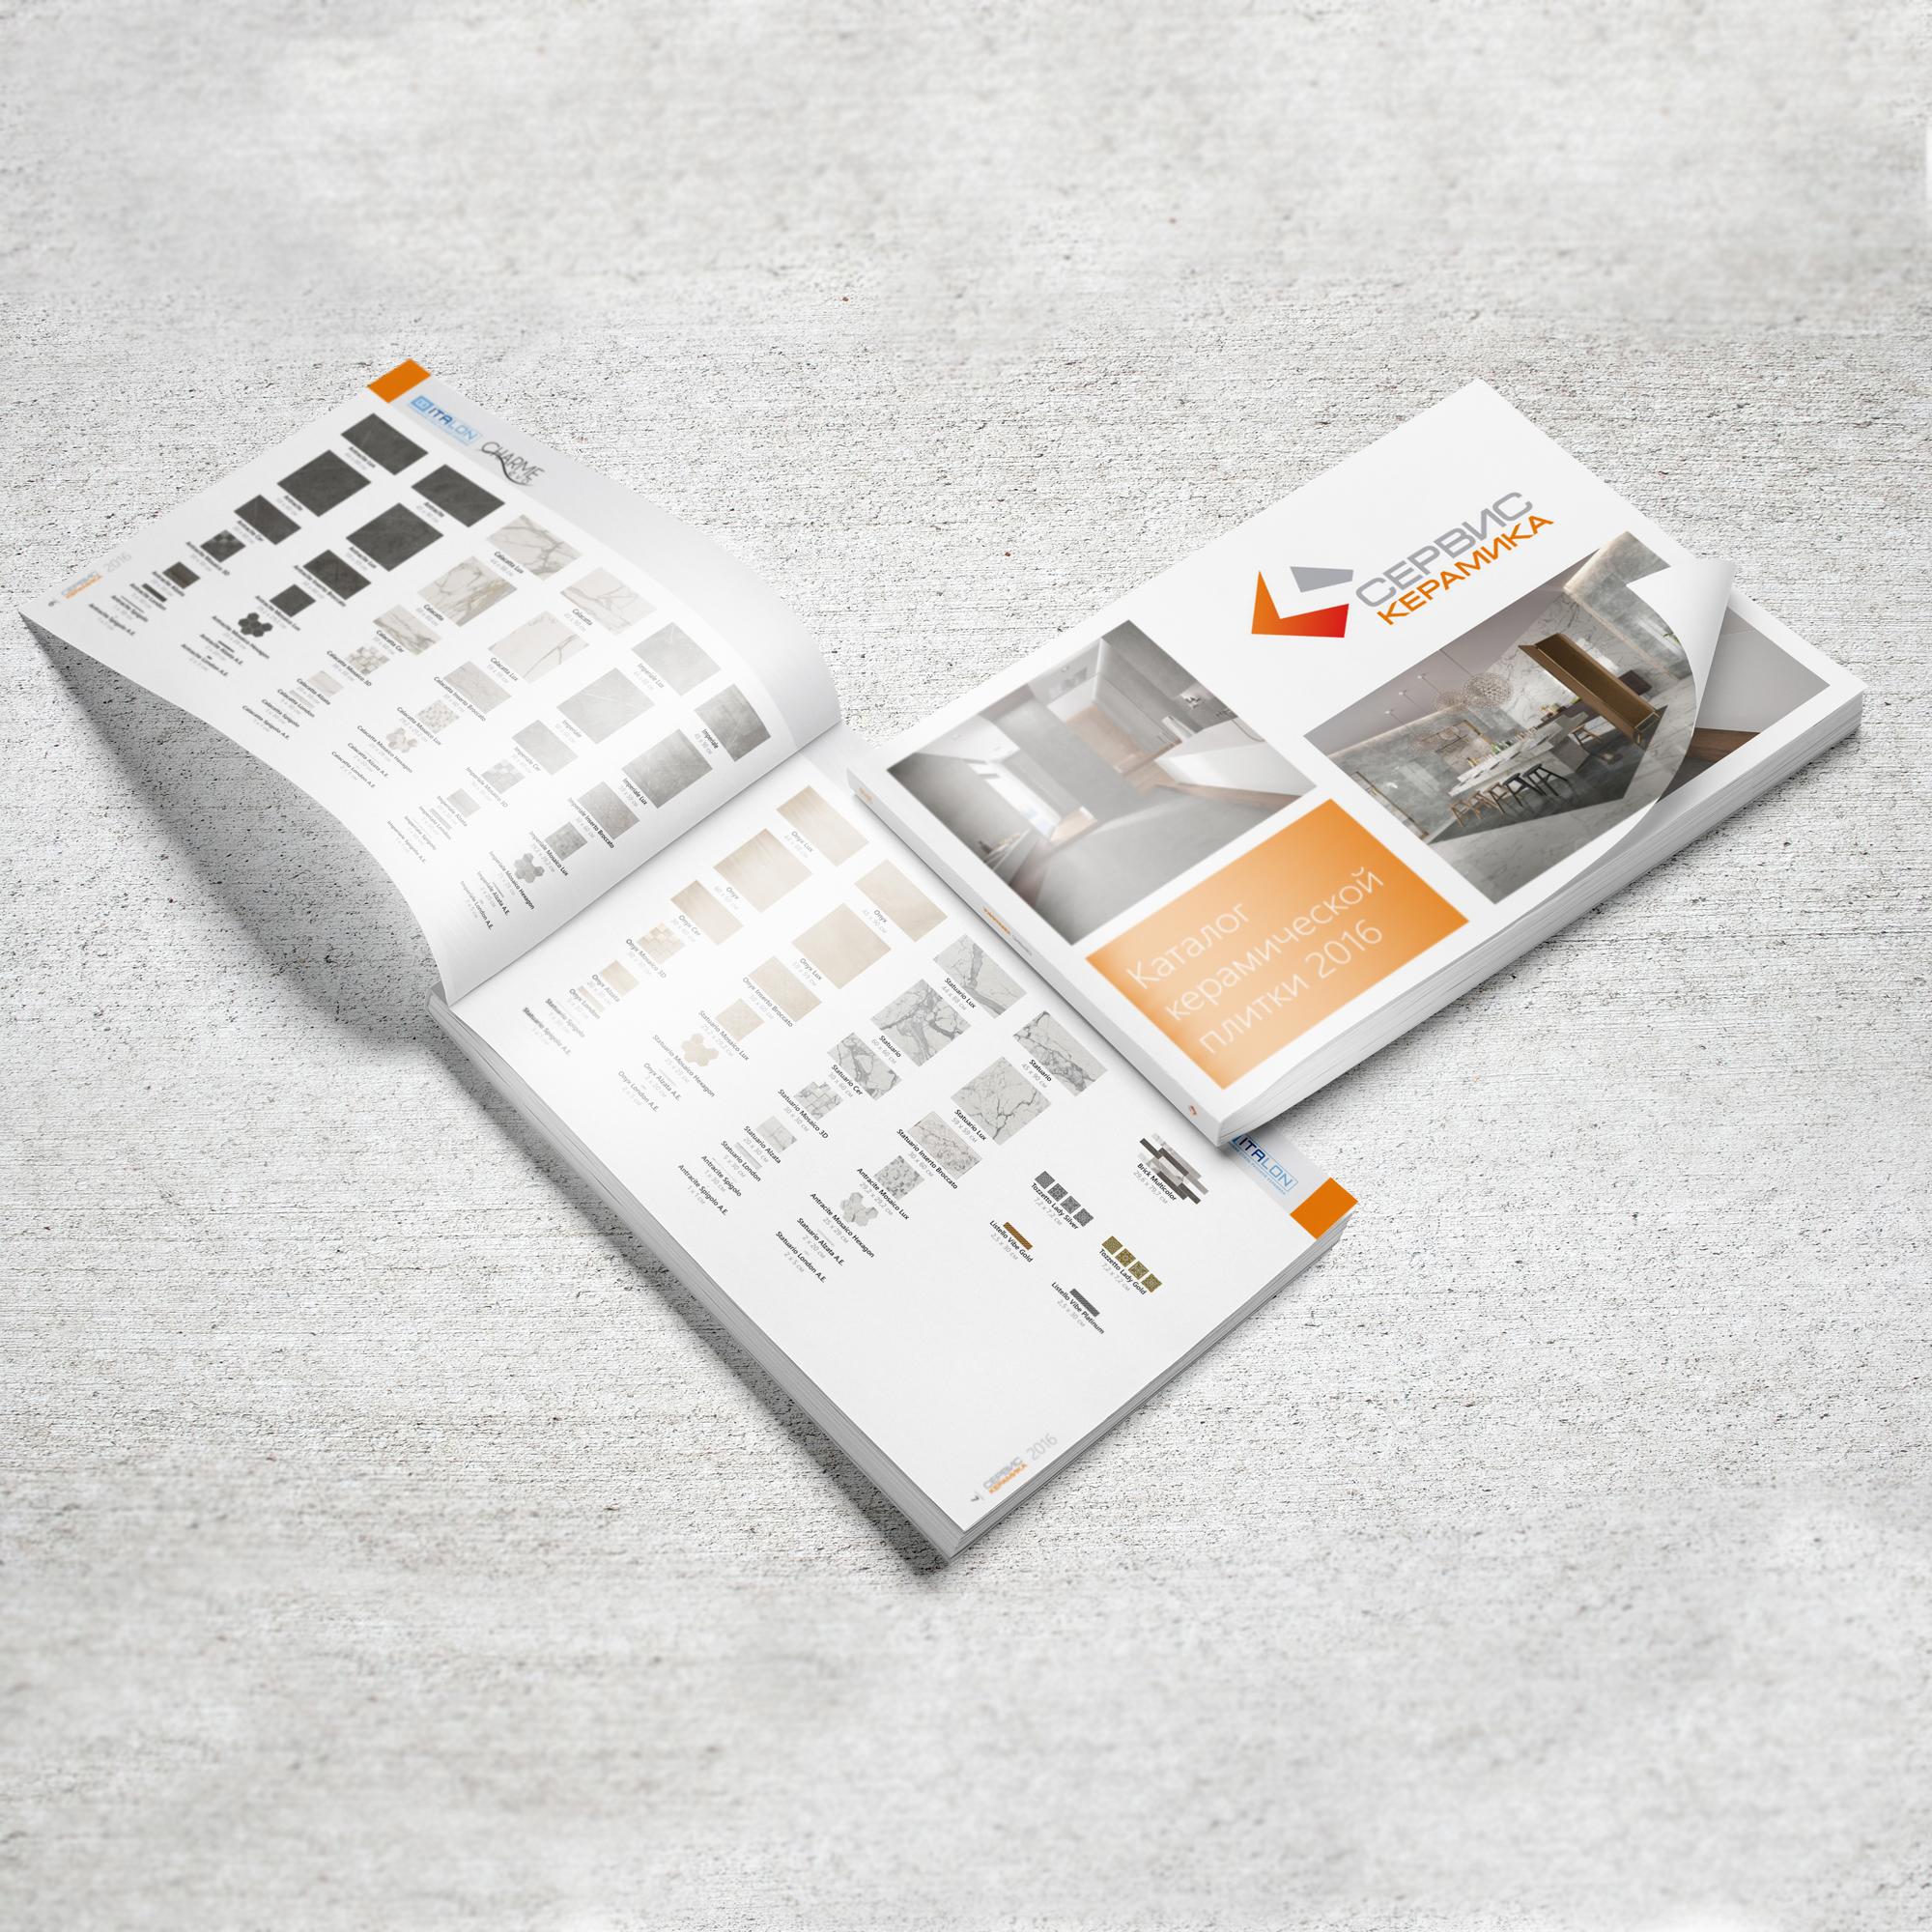 Печать каталогов для компании Сервис Керамика